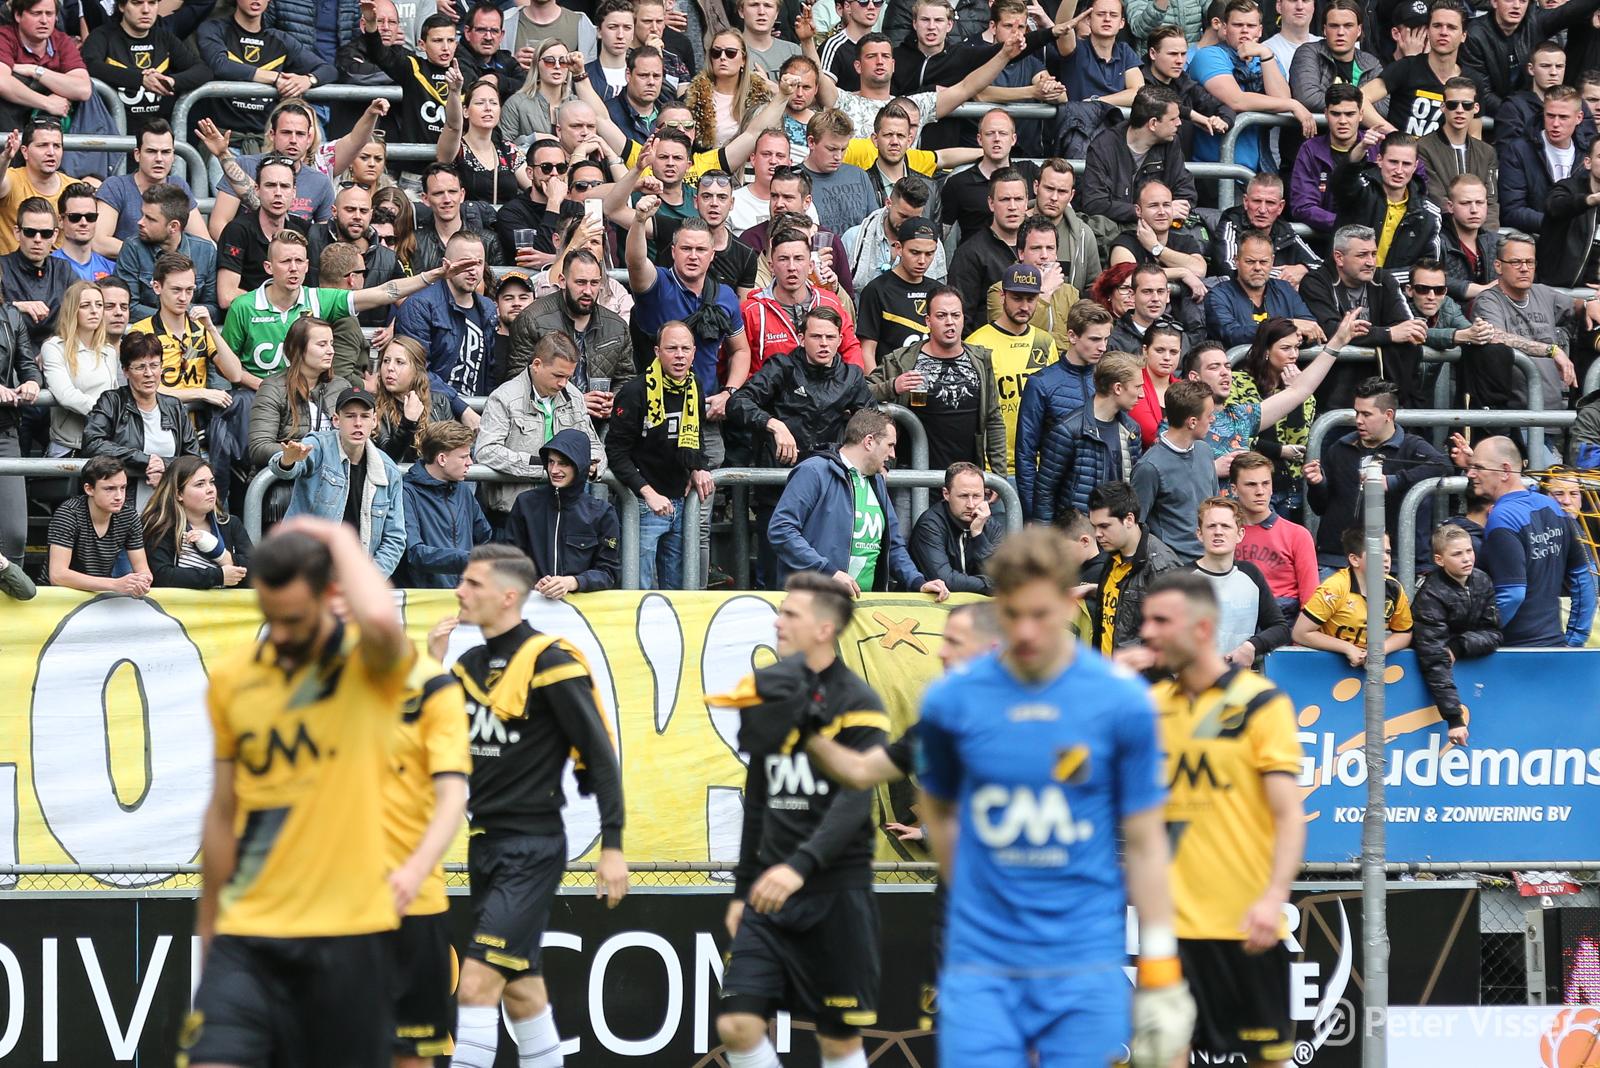 NAC heeft met 1-2 verloren van Willem II en is nog niet verzekerd van een verlengd verblijf in de eredivisie.